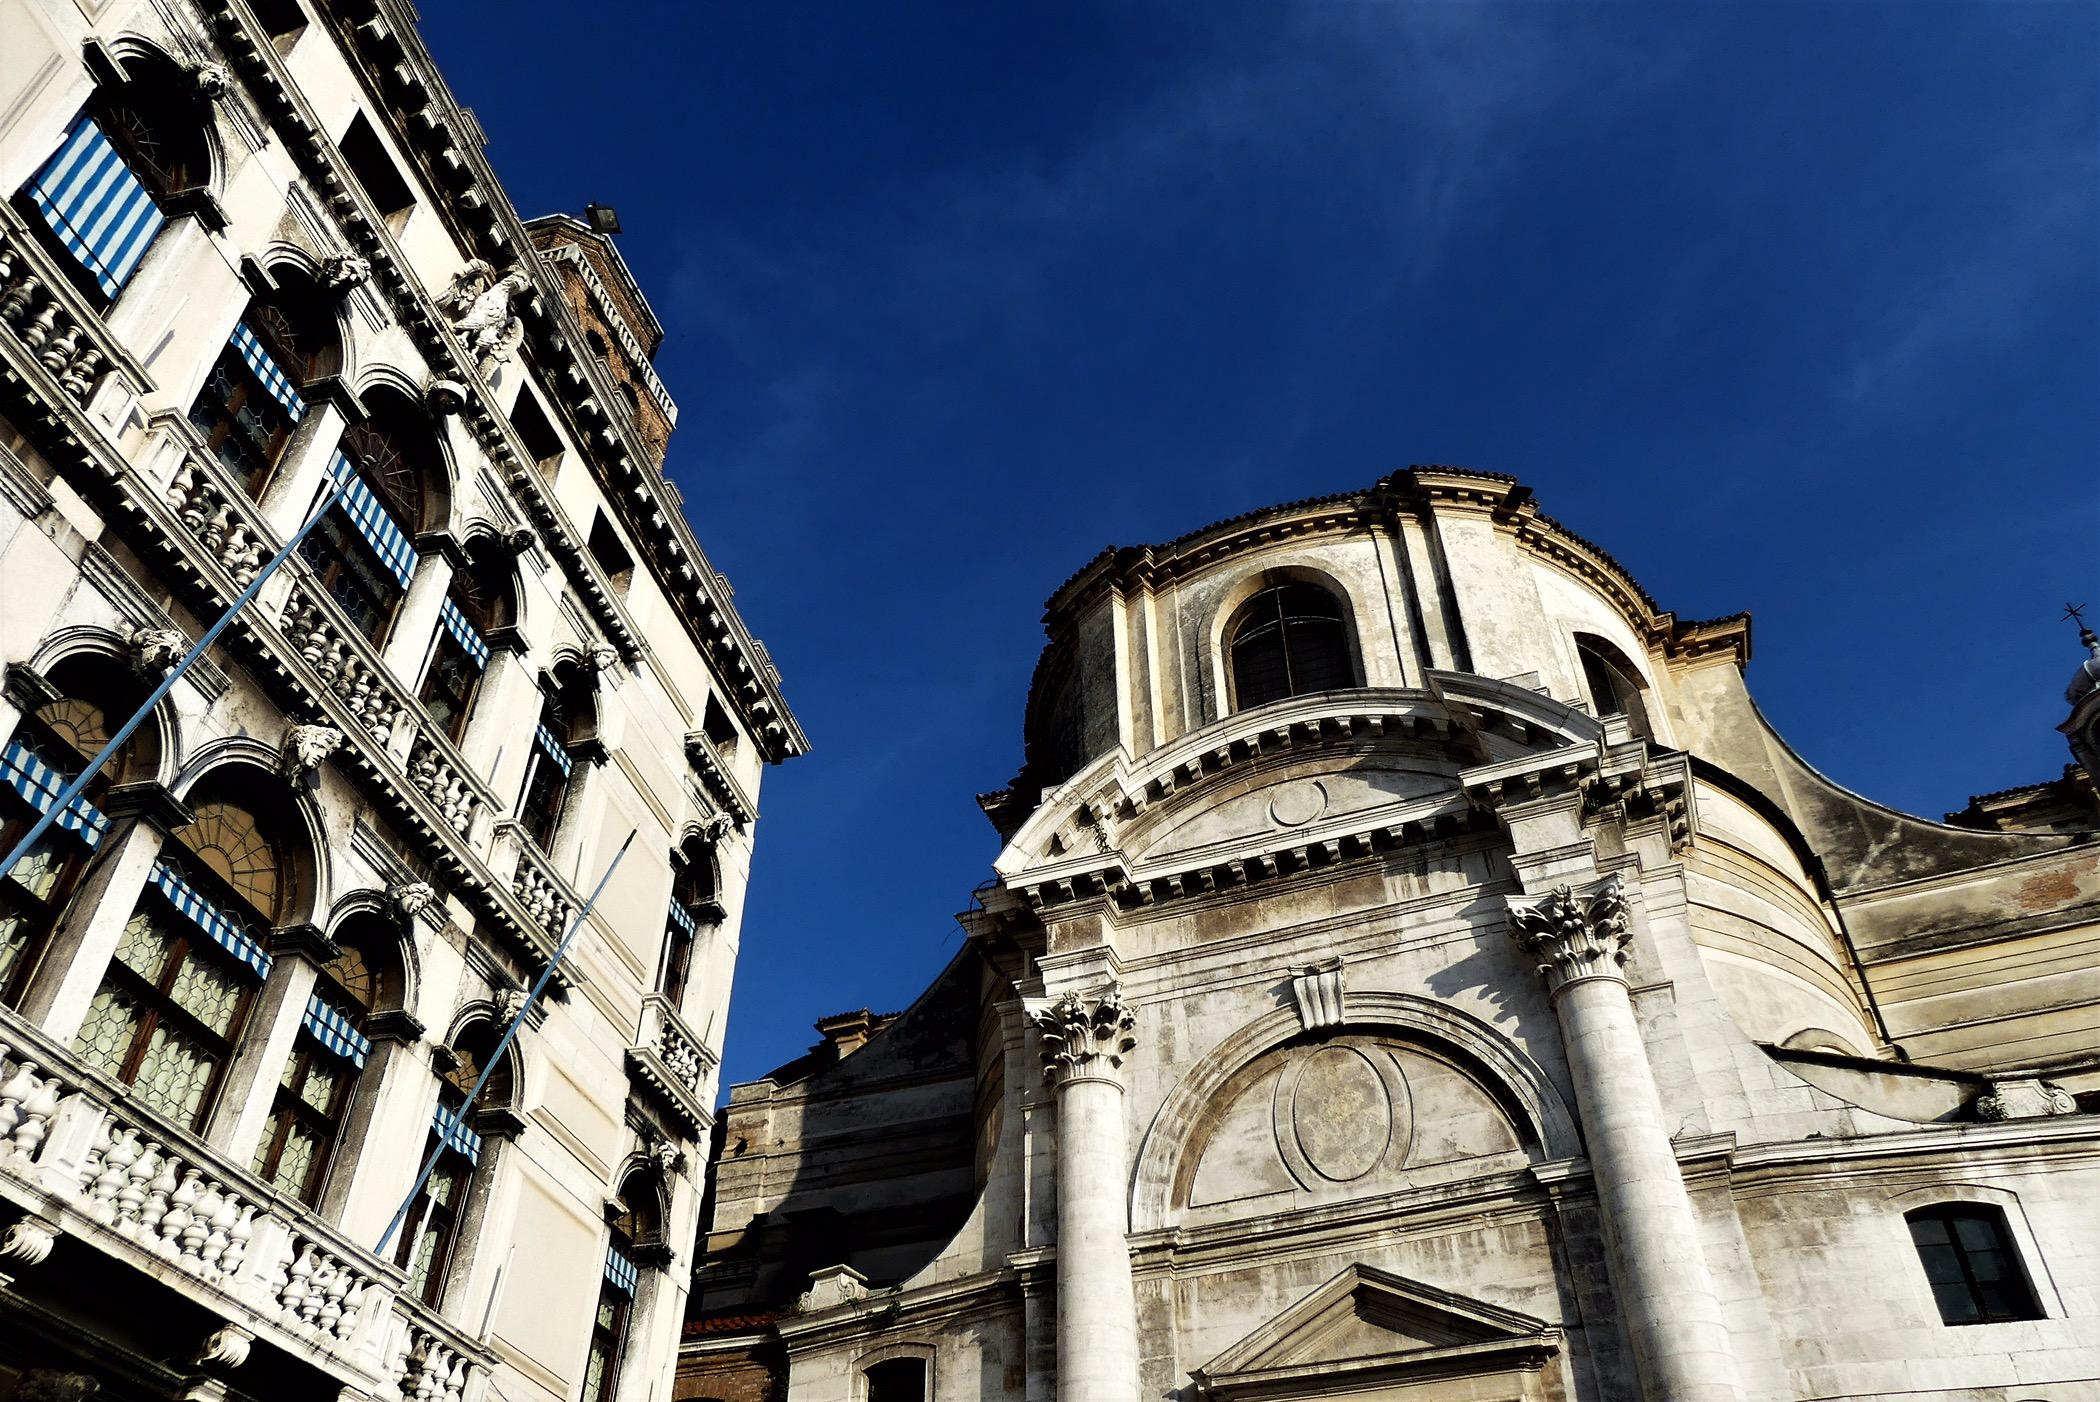 Venezia sestiere cannaregio chiesa